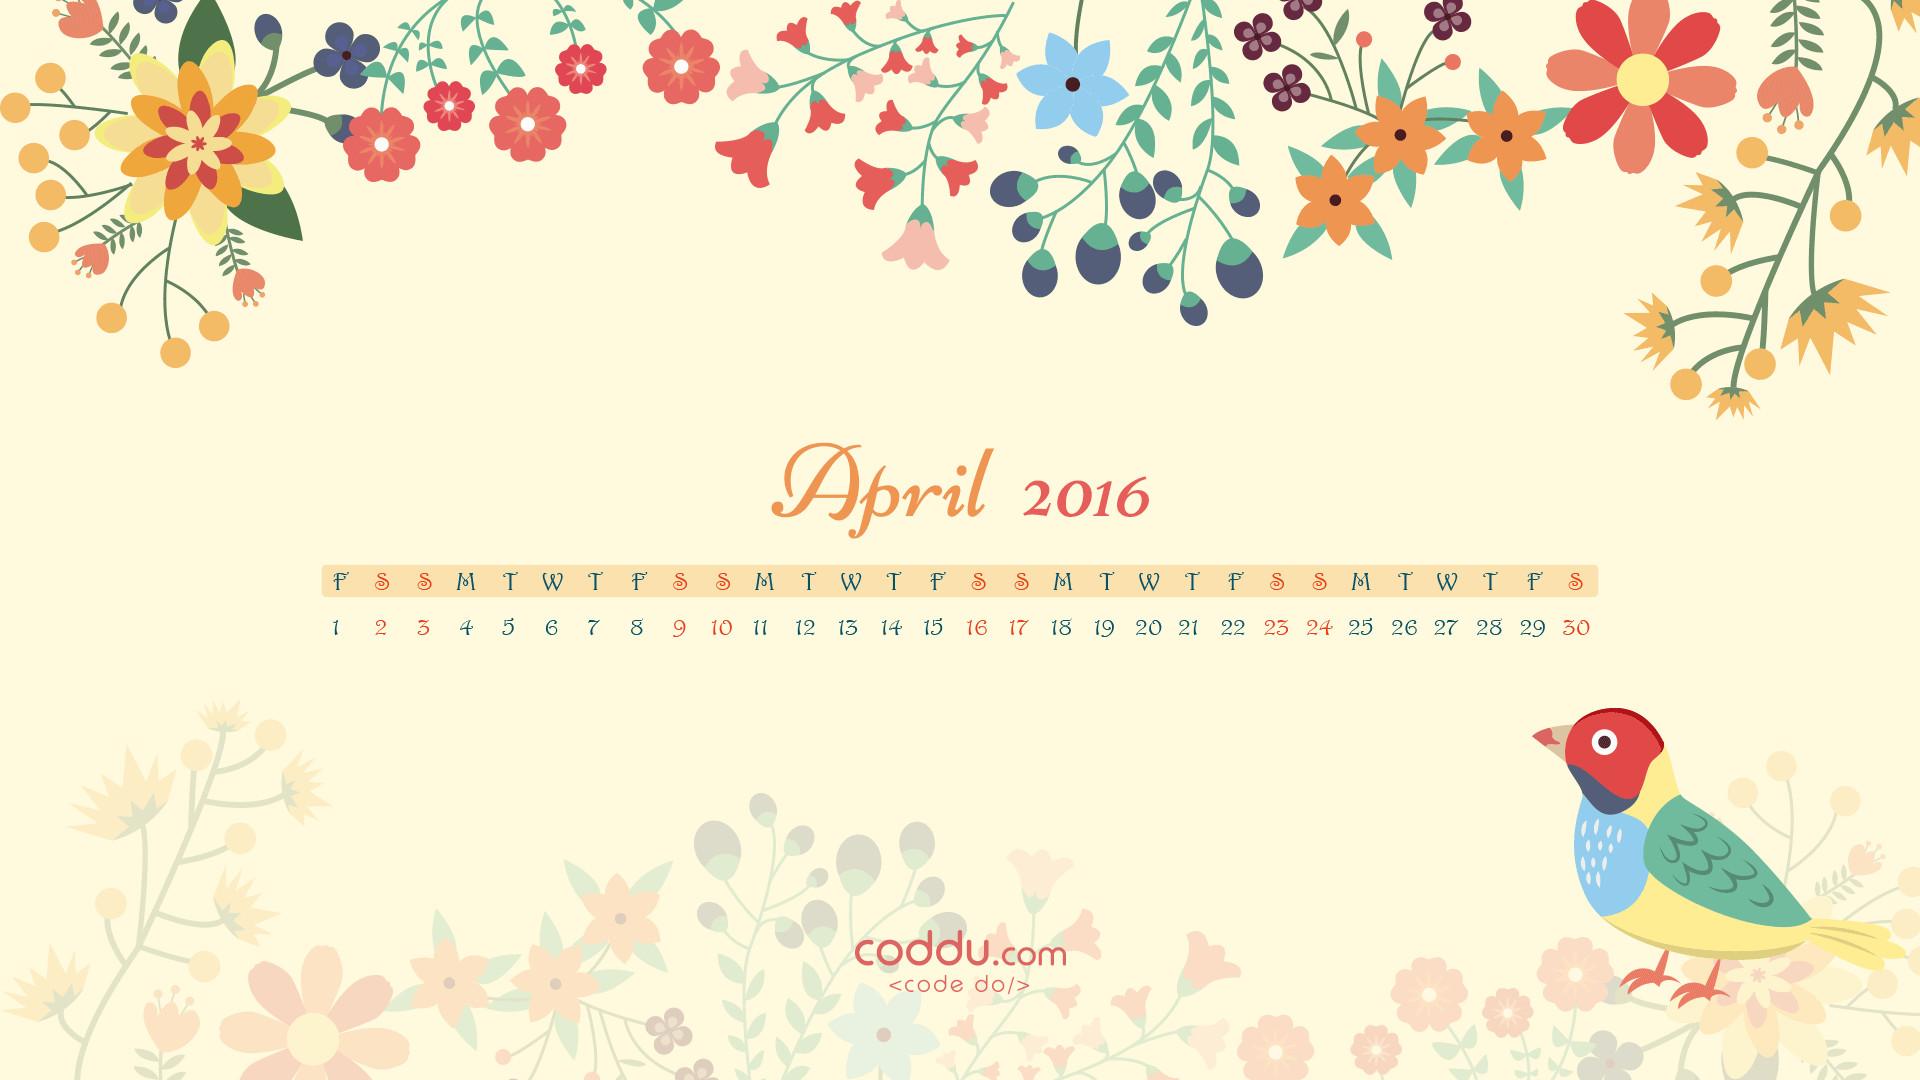 Tablet Calendar Wallpaper : American greetings calendar wallpaper images